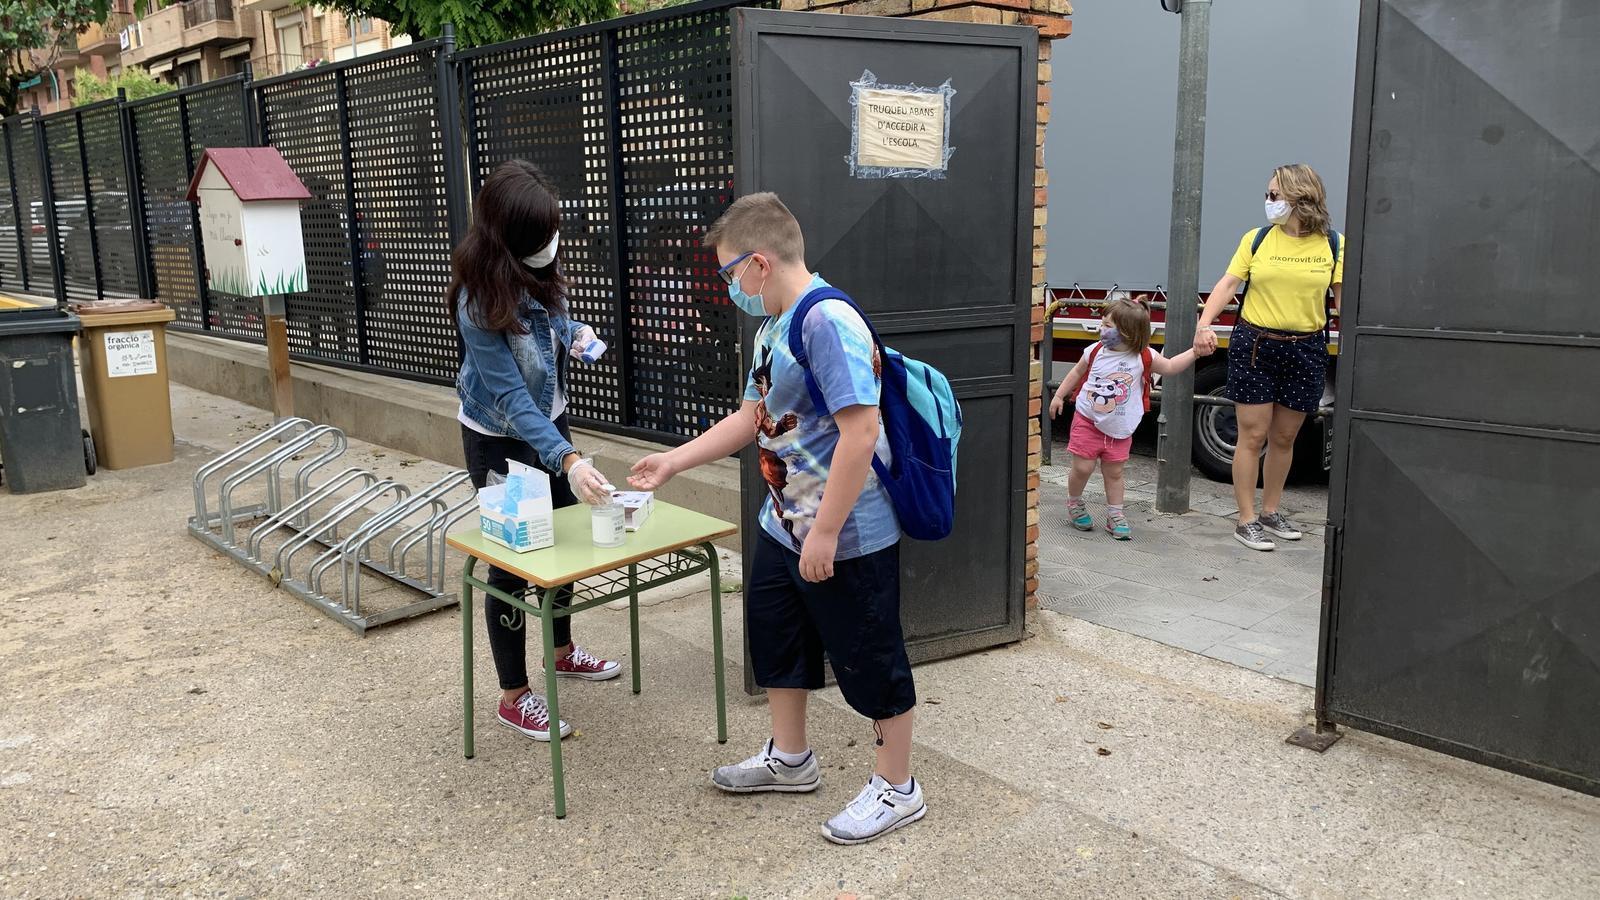 Alumnes entrant a l'escola Valldeflors de Tremp. / G.L.